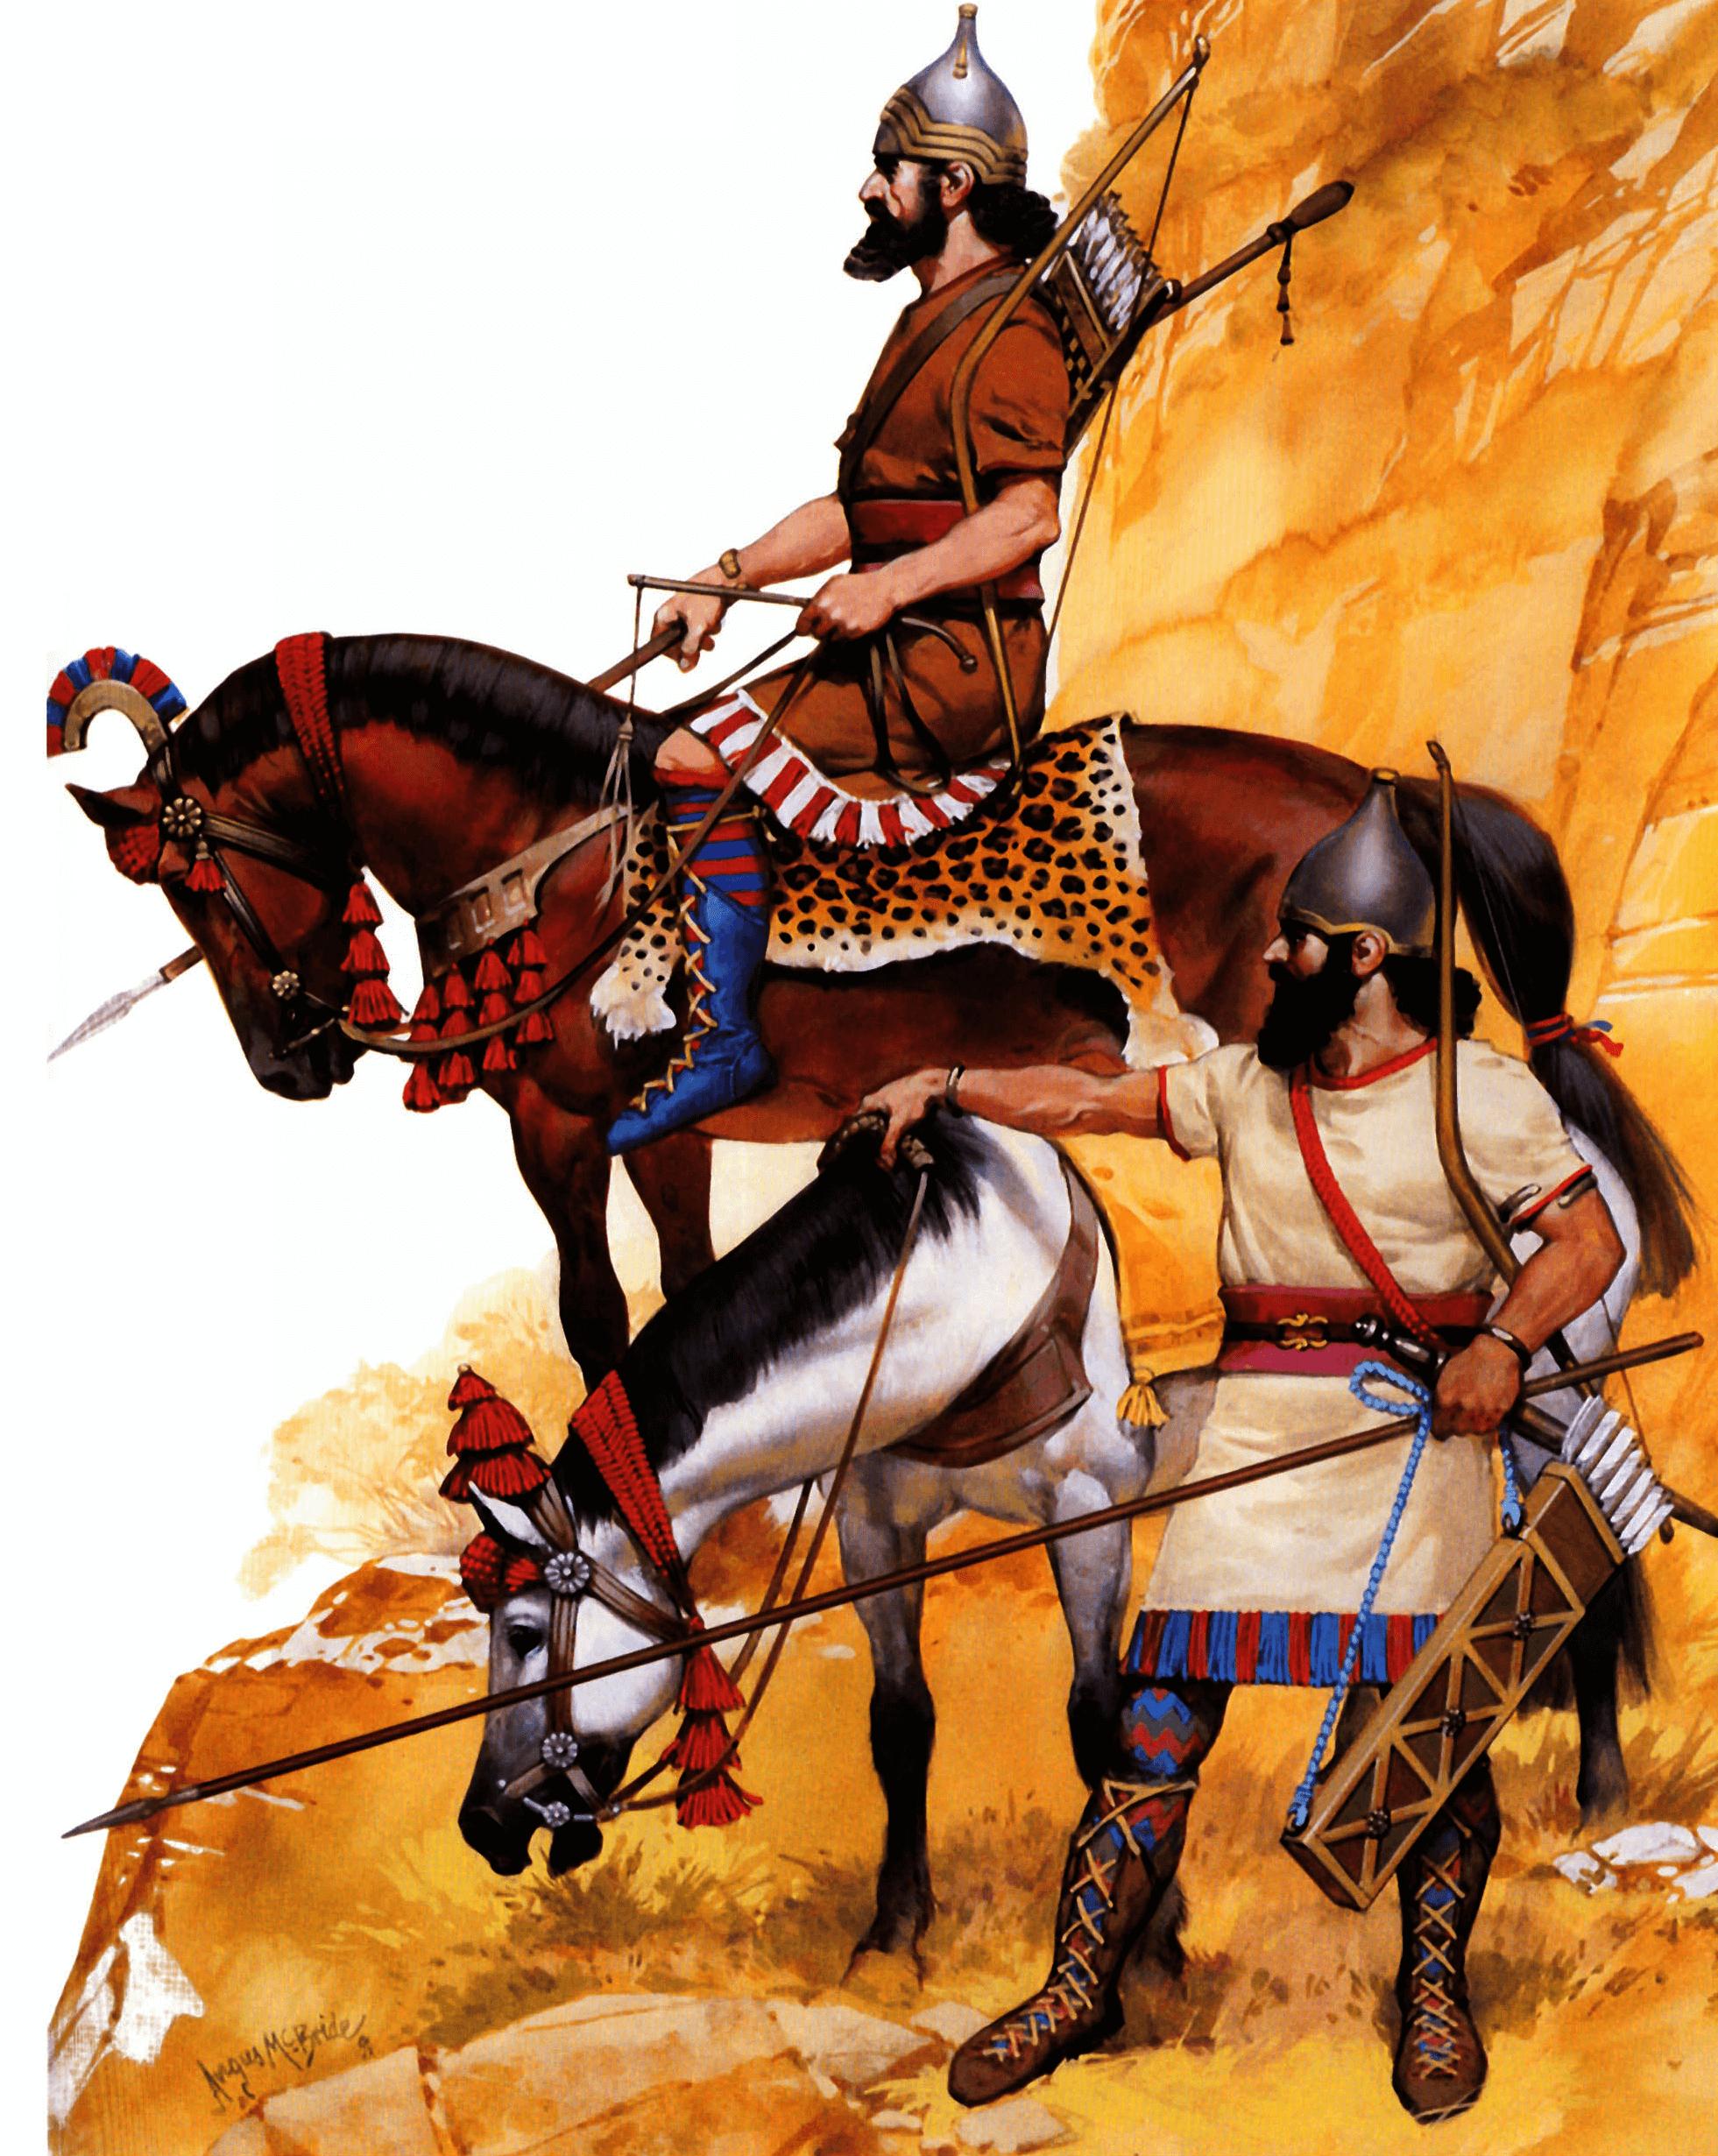 Caballería sargonida en Urartu 714 AC. Asirios arqueros lanceros. Están equipados con botas atadas delante y llevan calcetines. Autor Angus McBride para Osprey